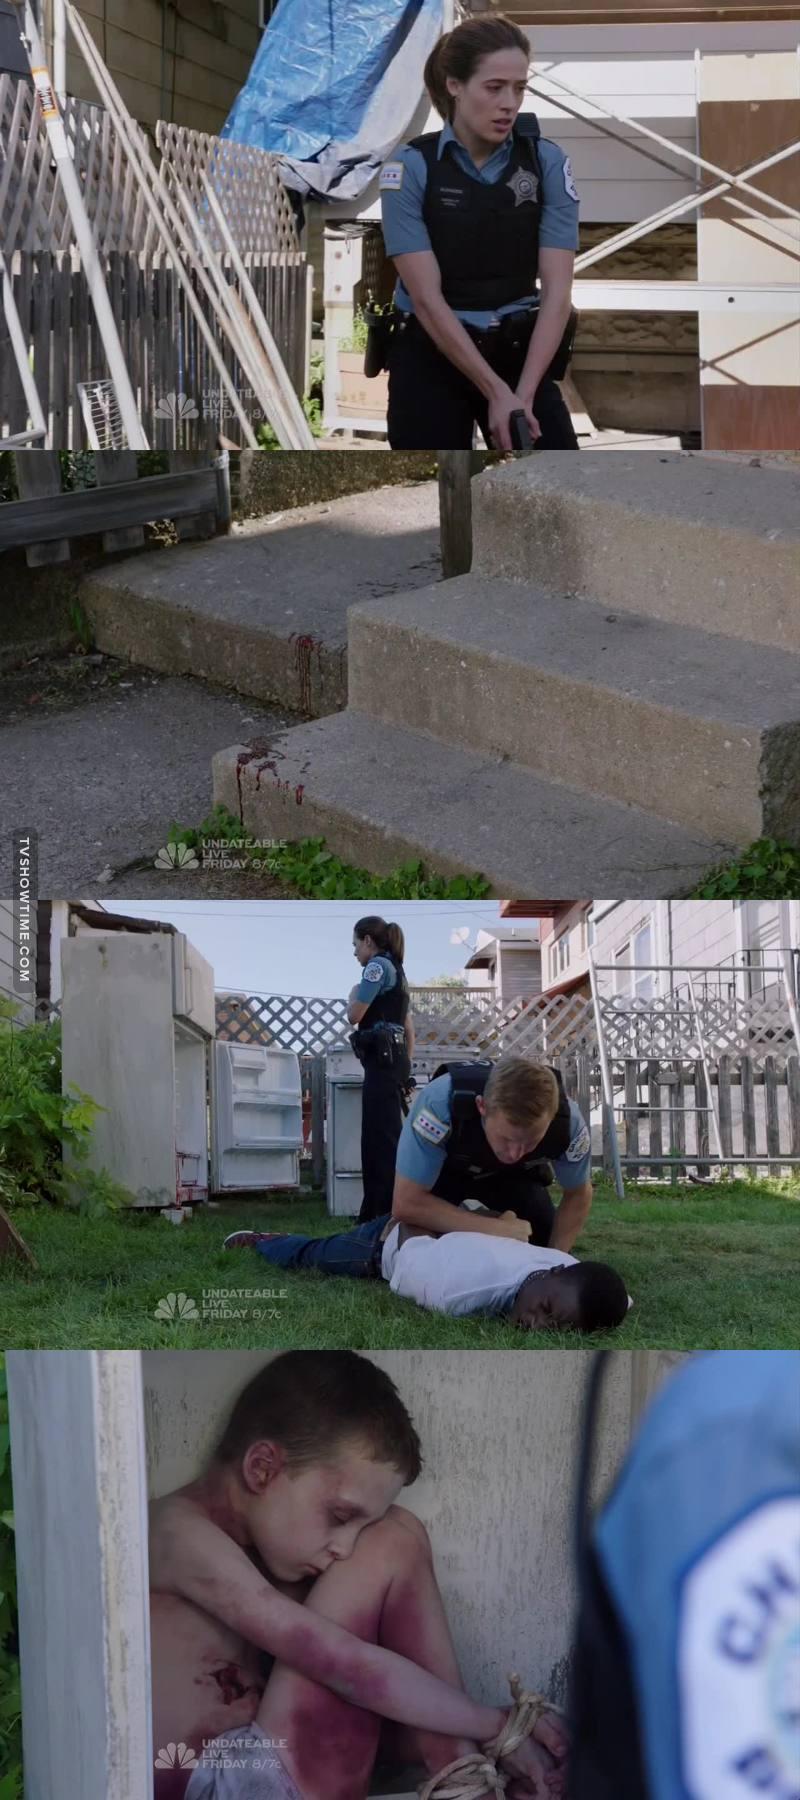 That scene broke my heart💔